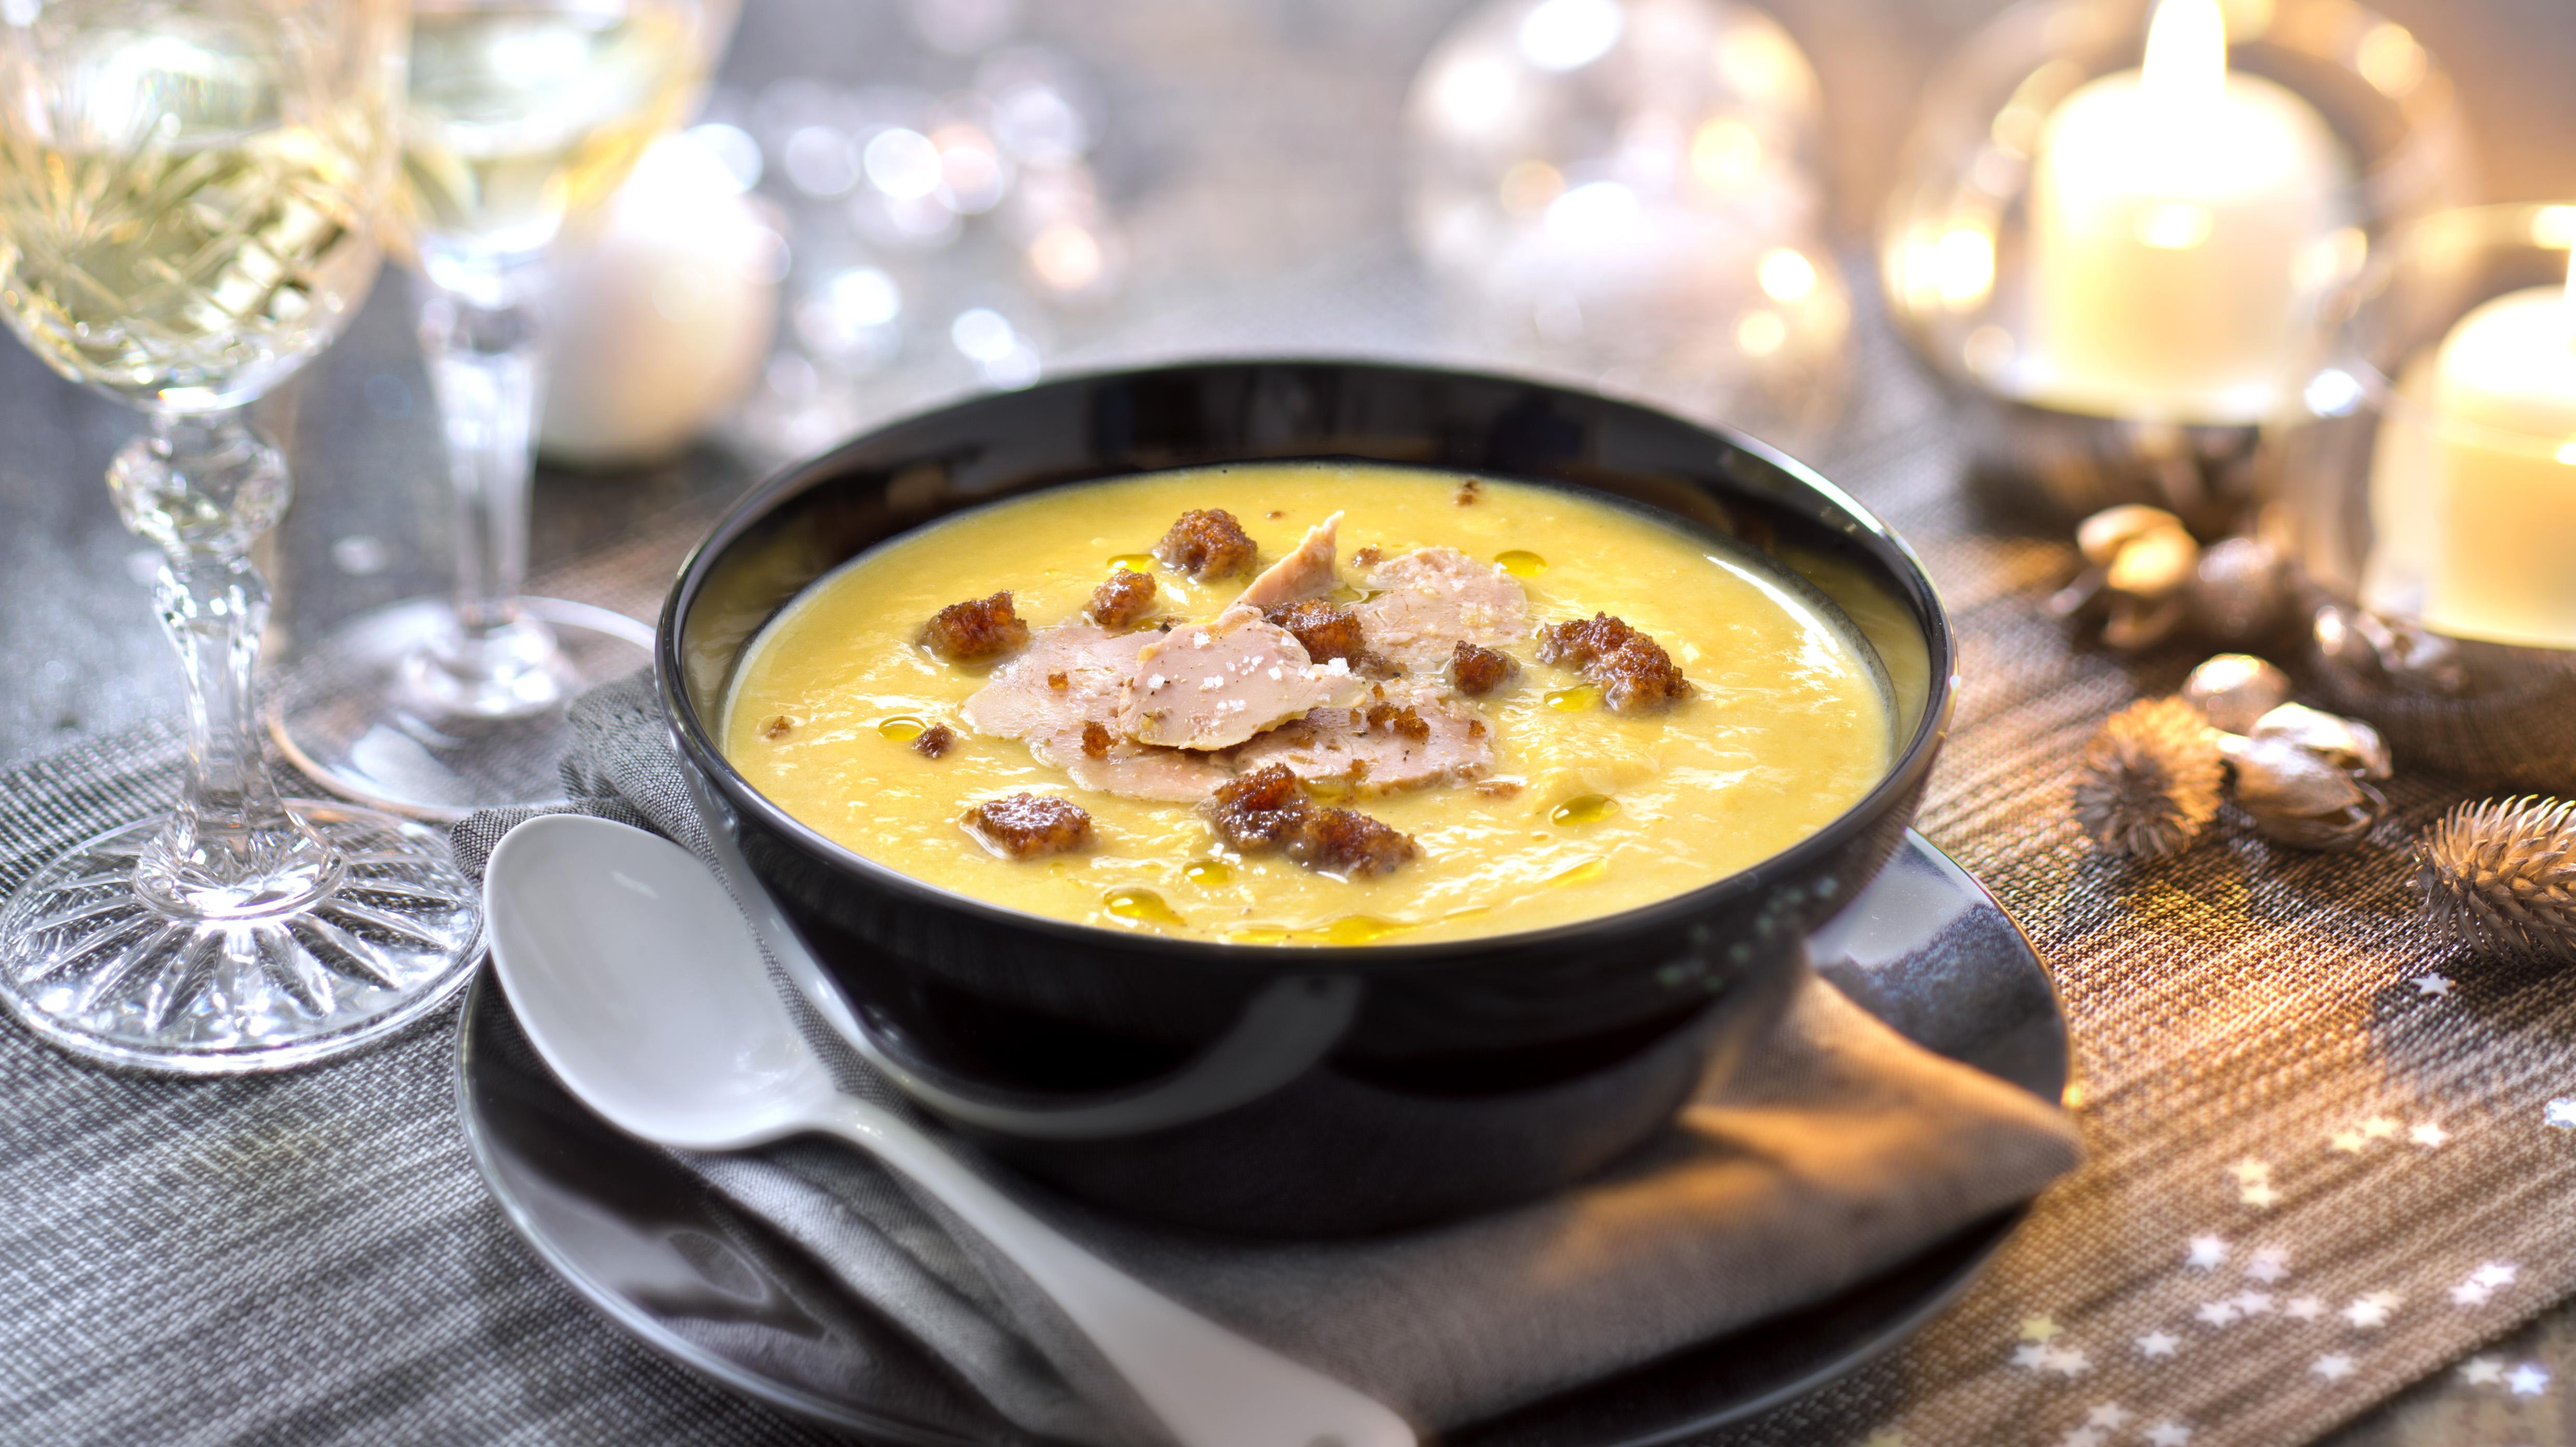 veloute potiron copeaux foie gras